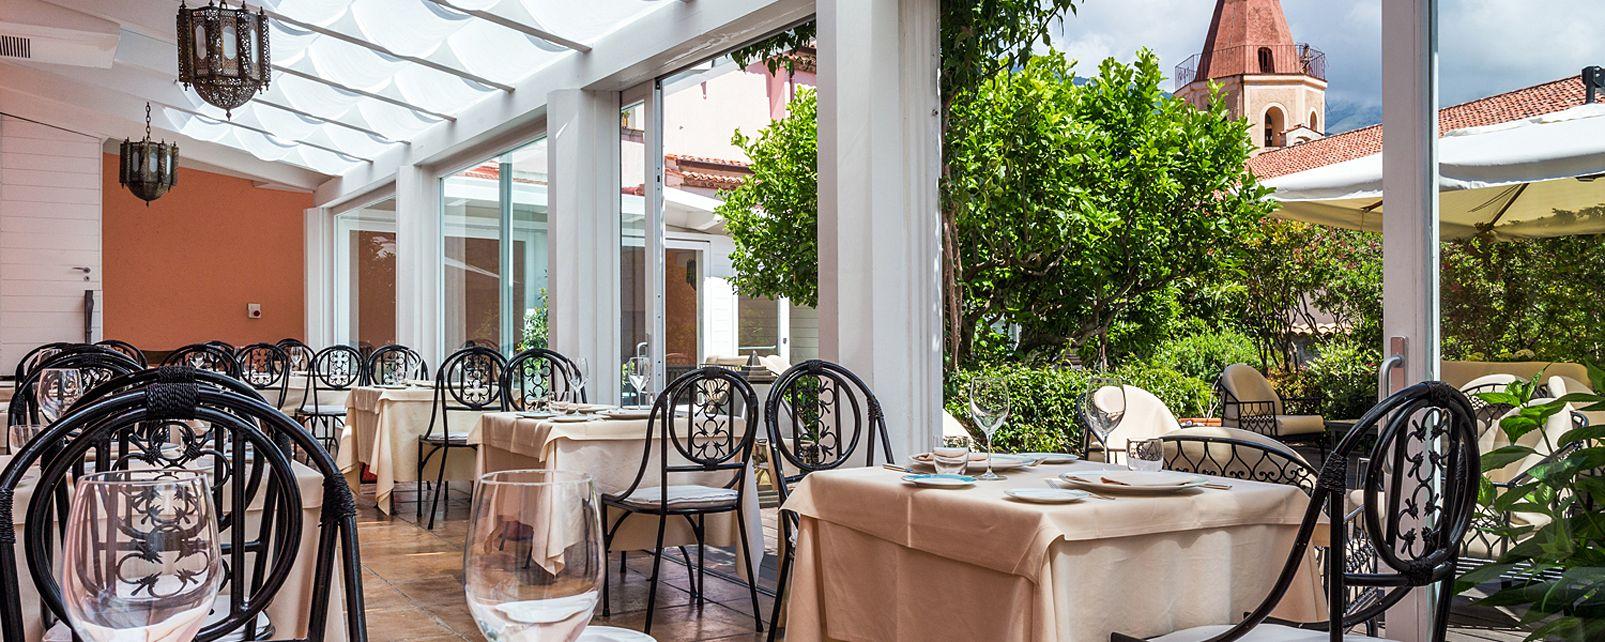 Hotel La Locanda delle Donne Monache